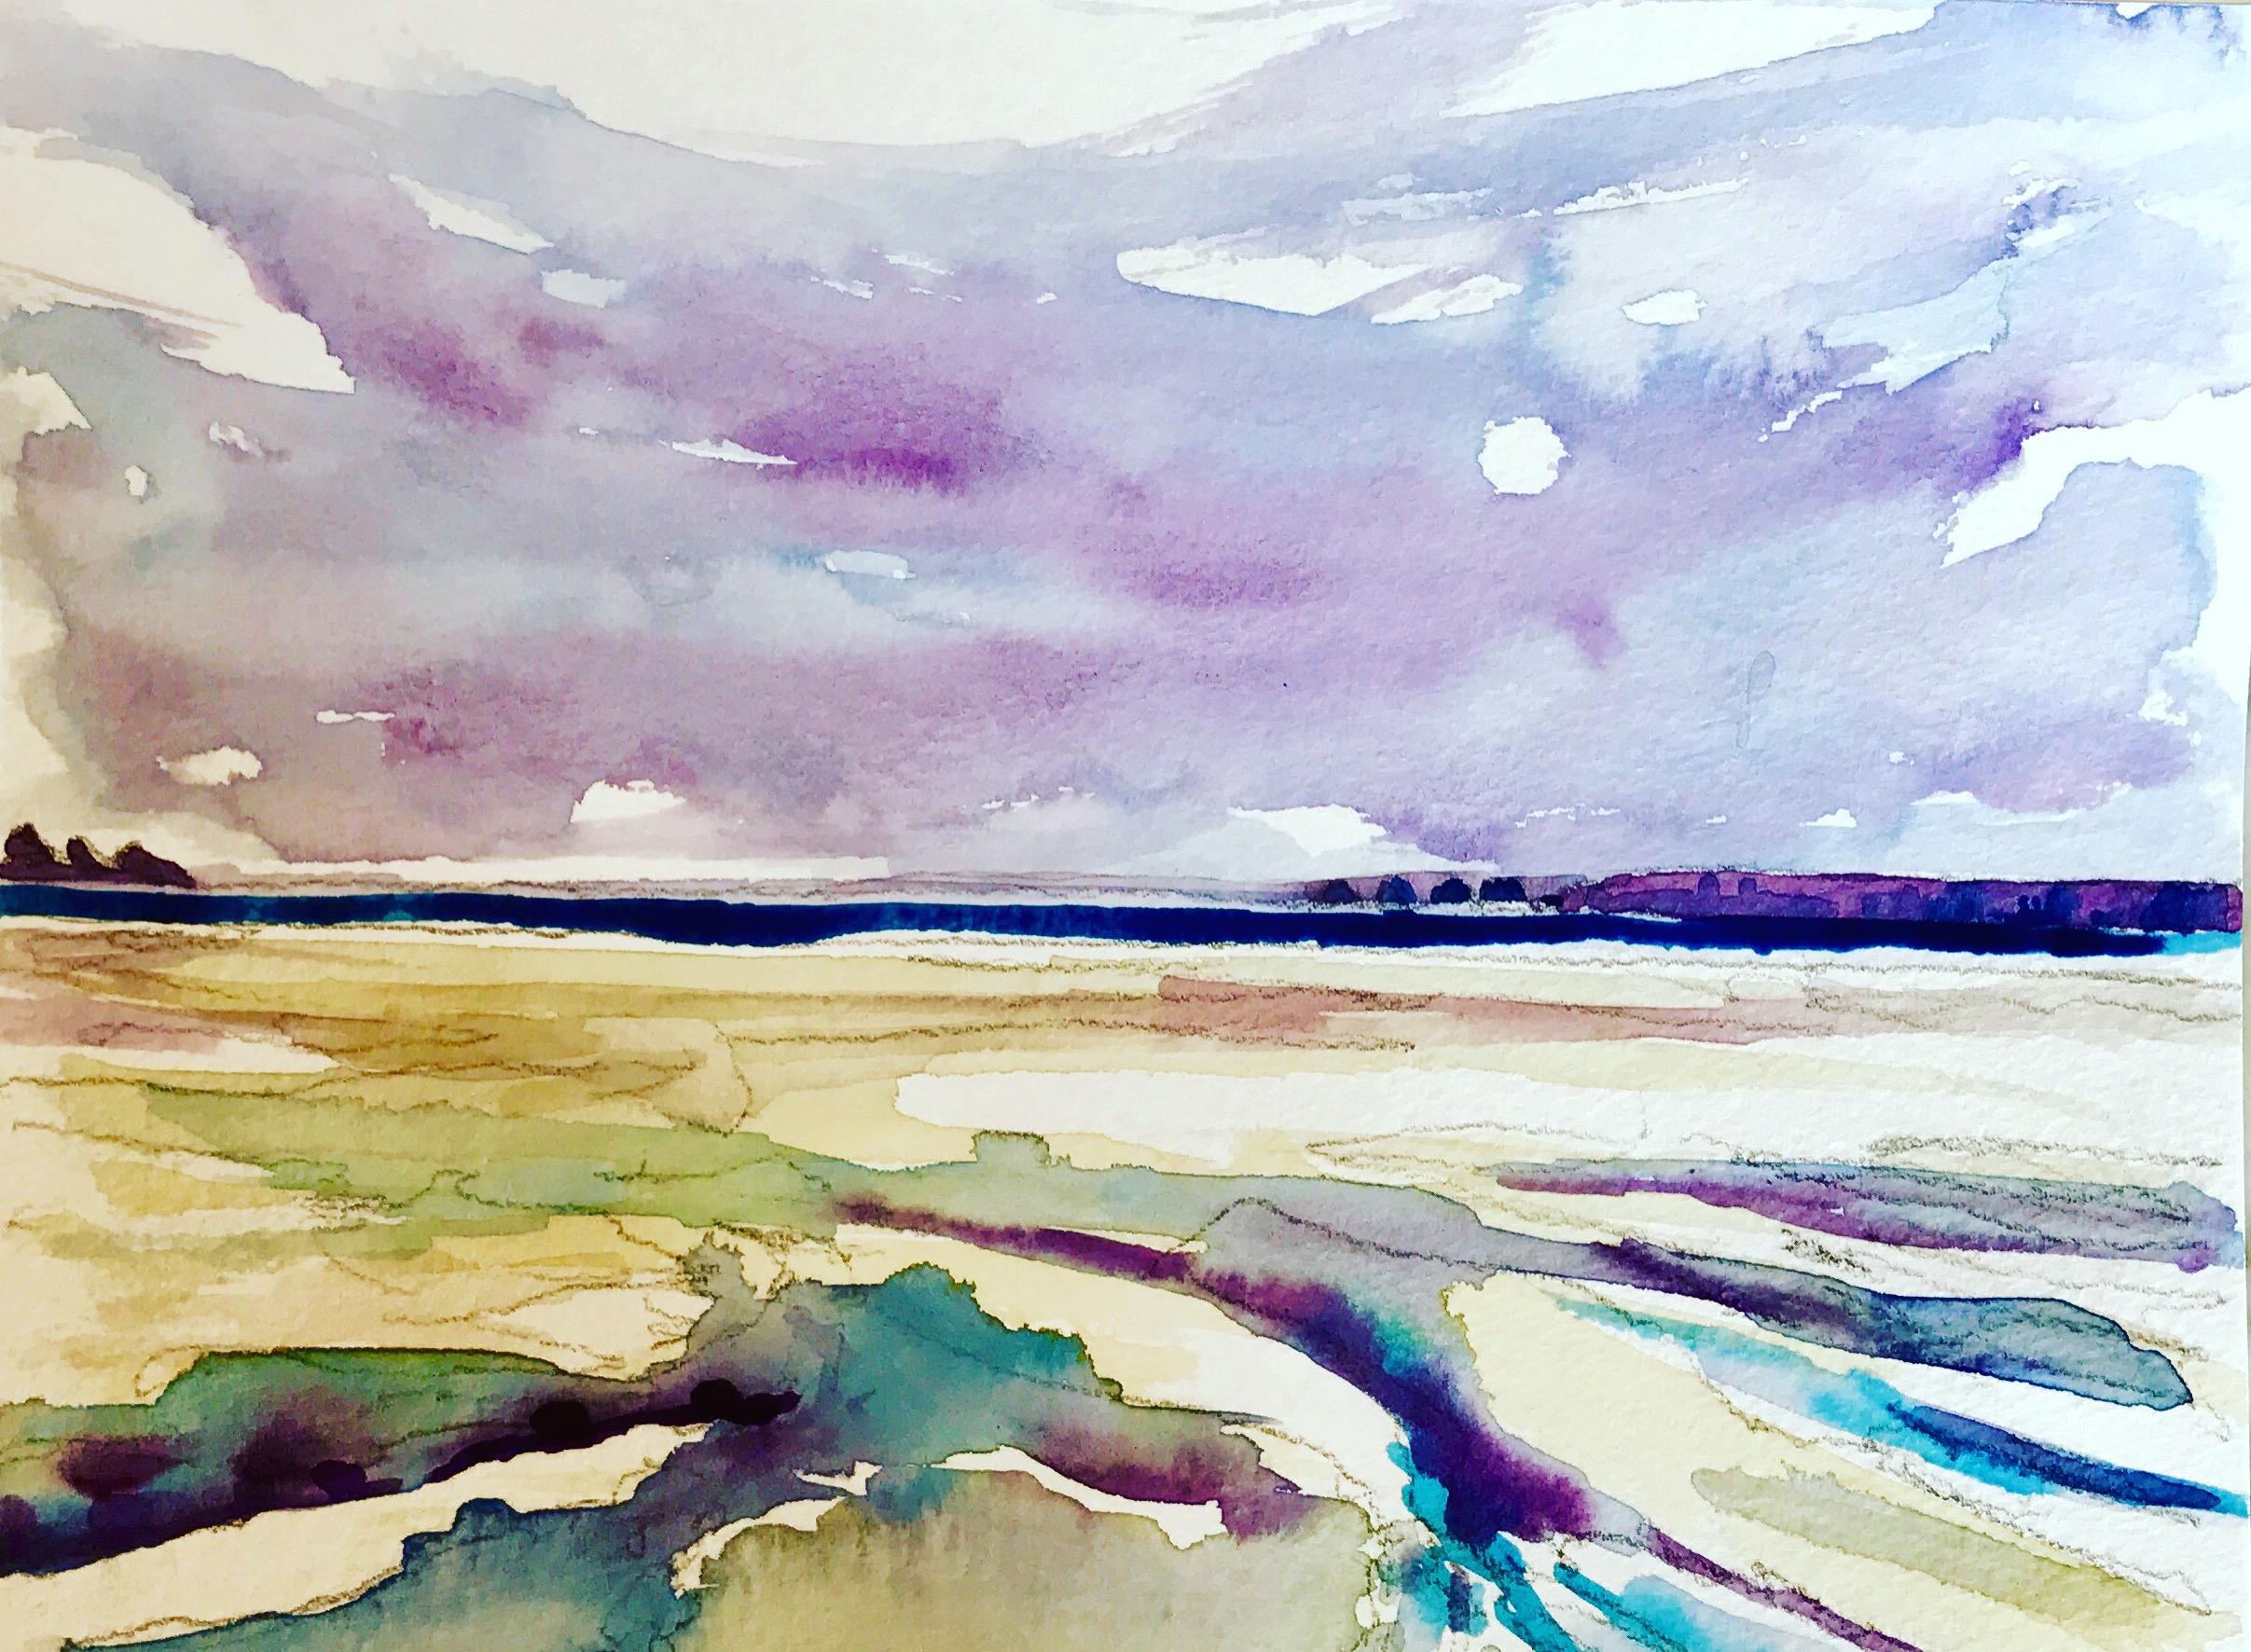 """""""Low Tide in Saint Michel"""" by Richard Shu, watercolor, 12x14in, 2017, $780"""